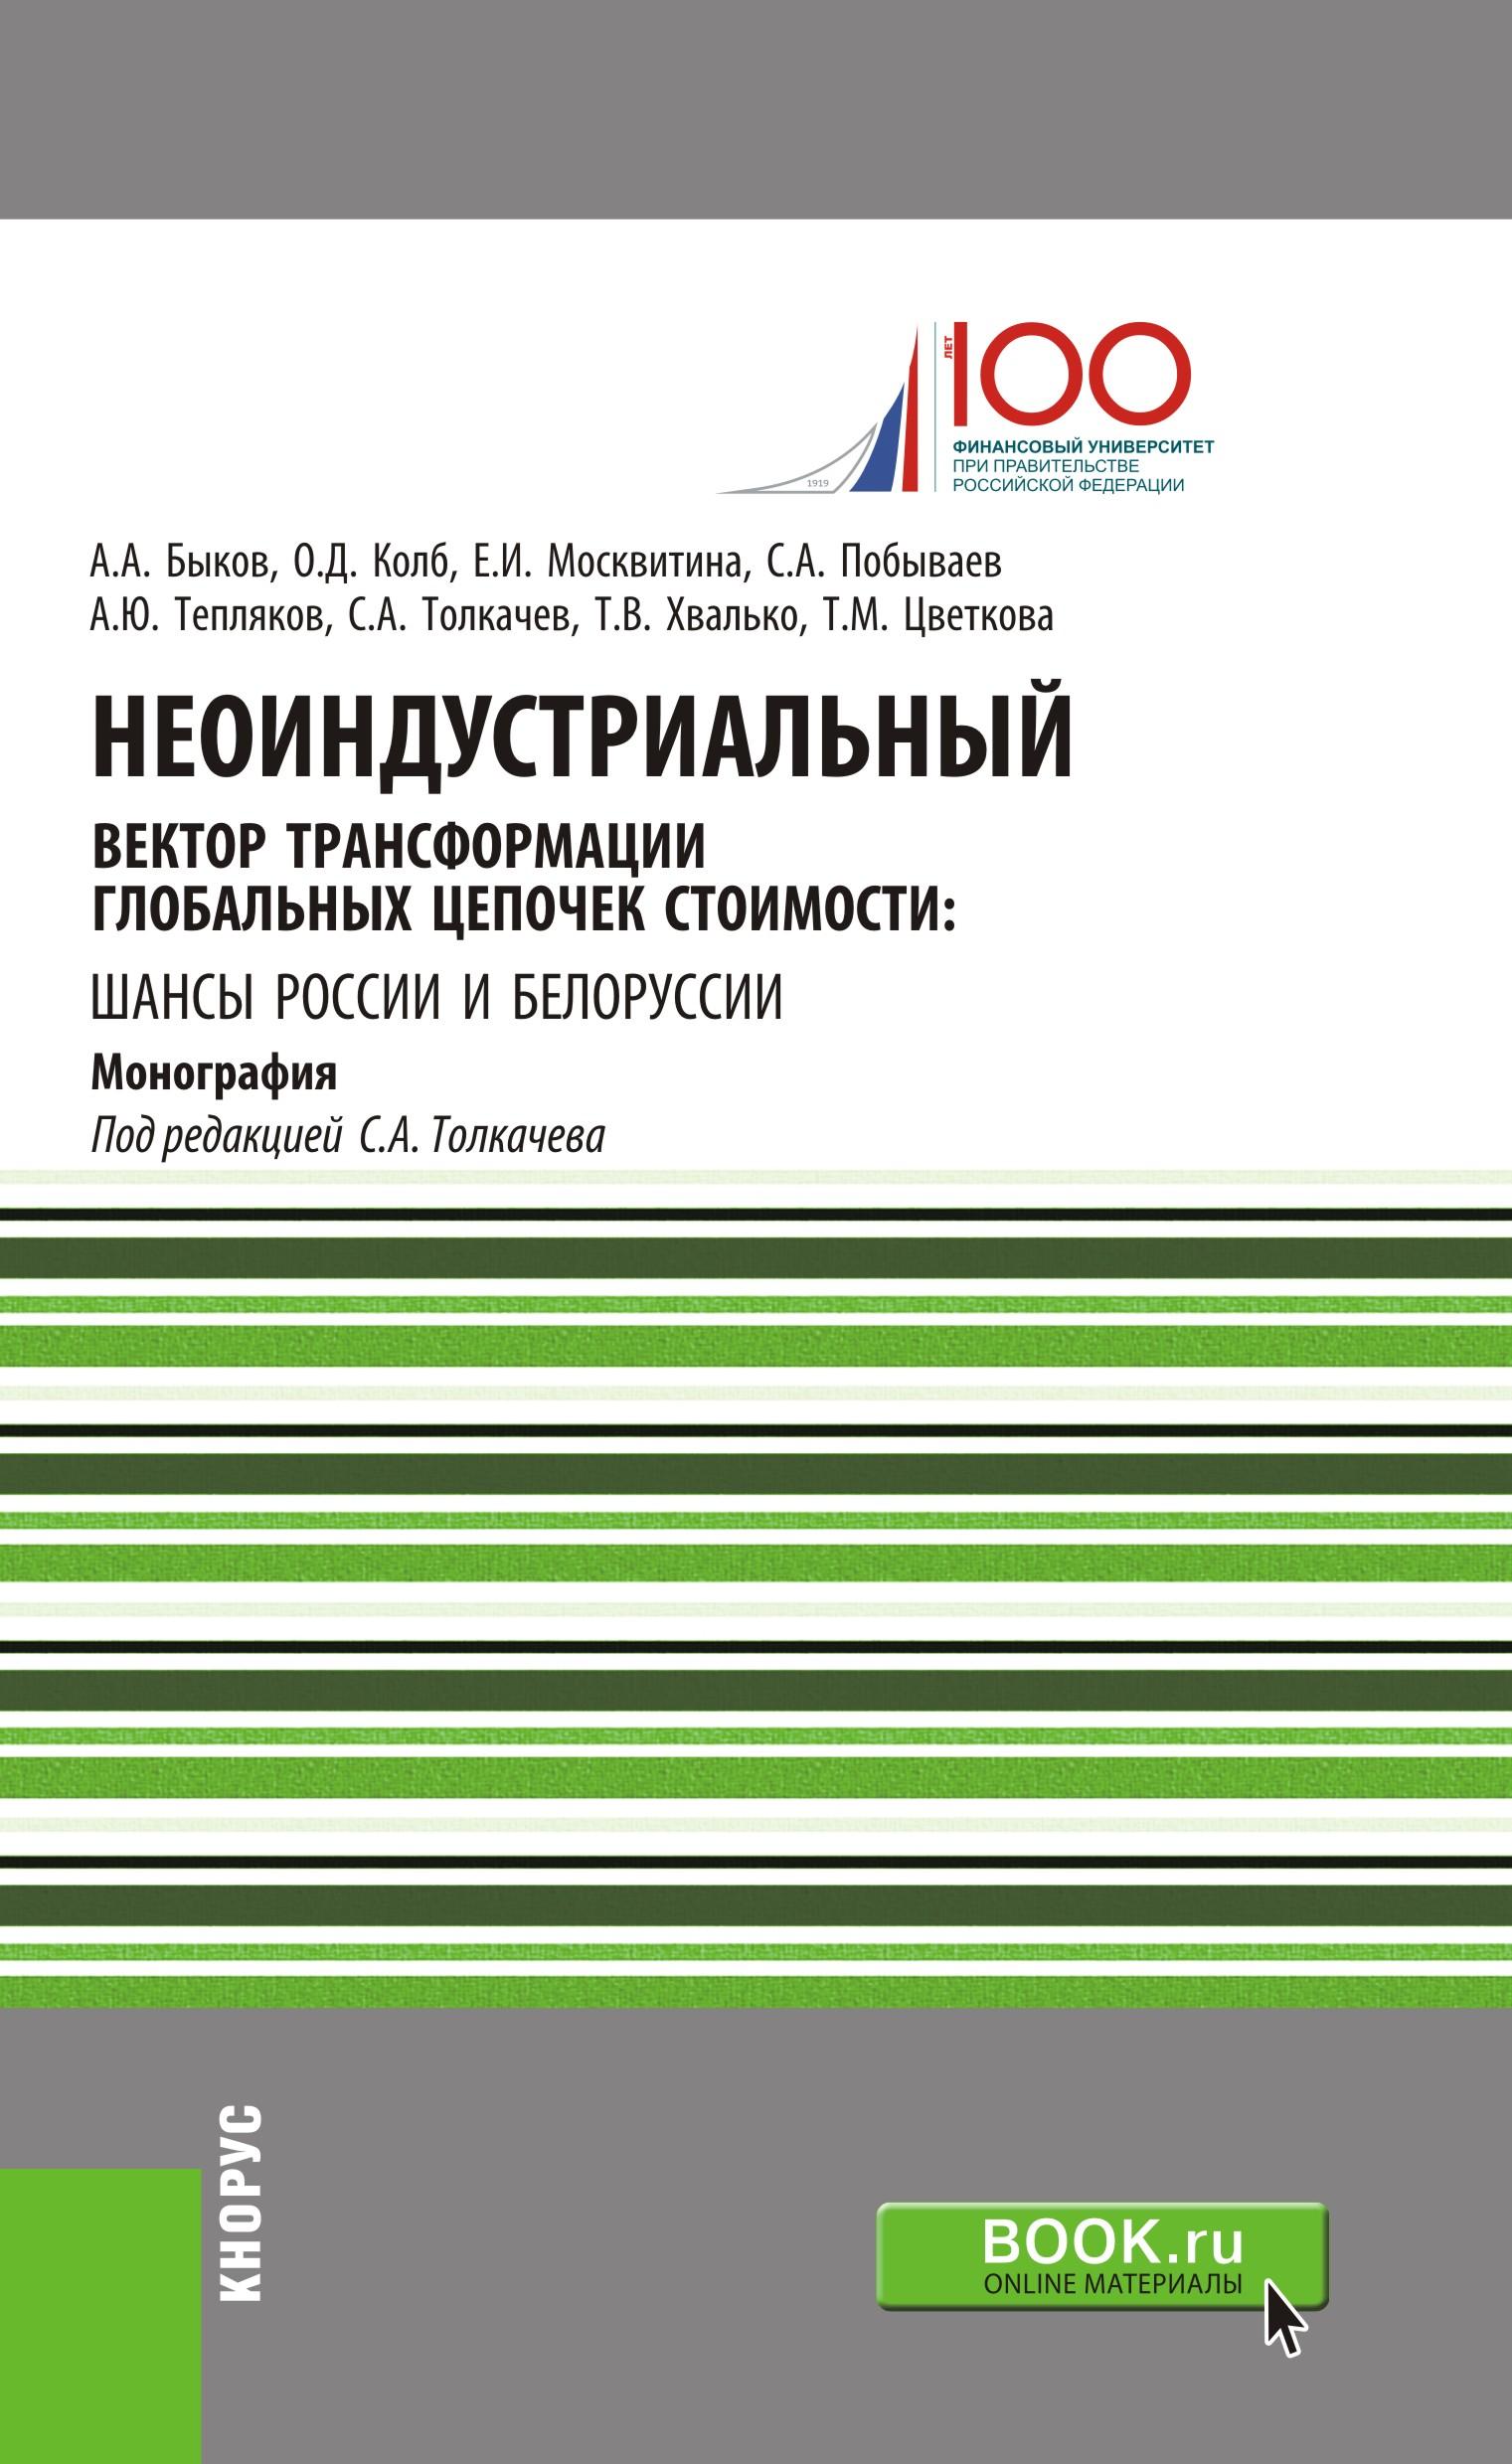 Неоиндустриальный вектор трансформации глобальных цепочек стоимости. Шансы России и Белоруссии